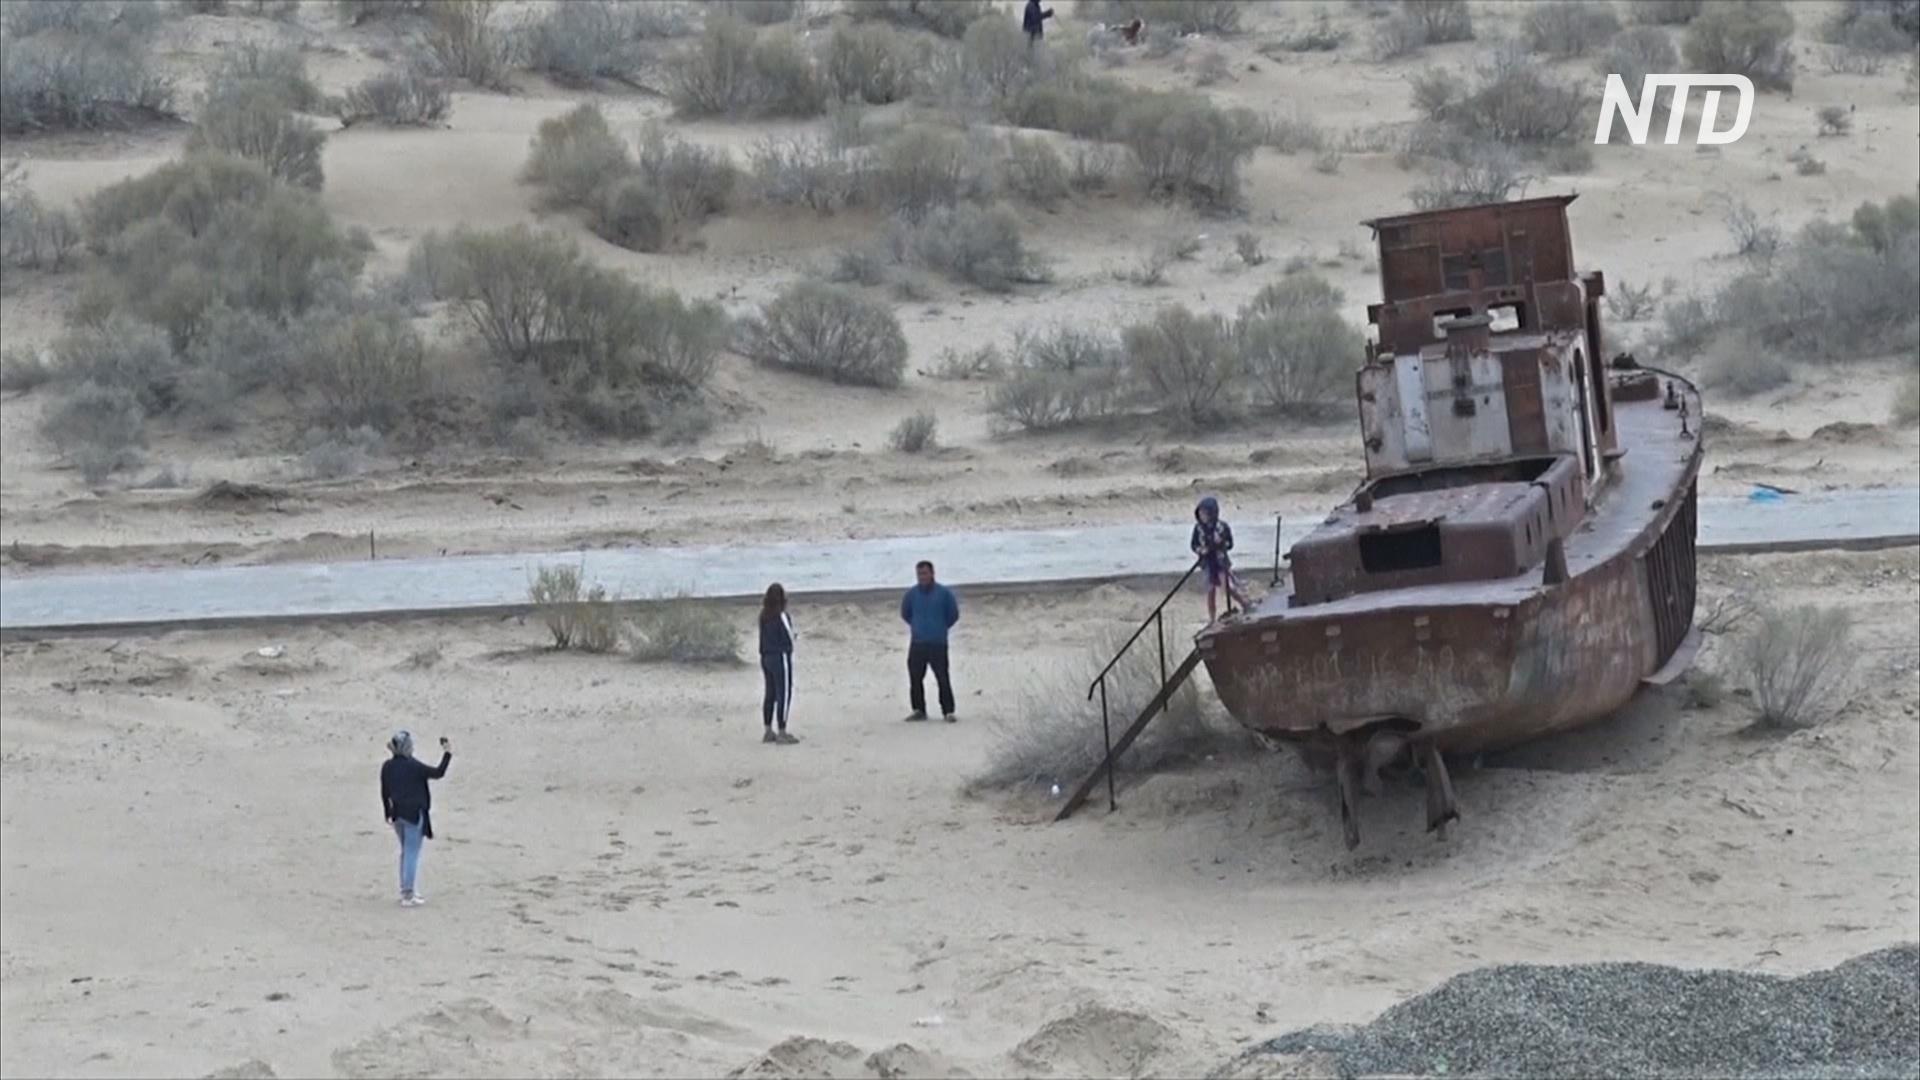 Место экологической катастрофы привлекает всё больше туристов